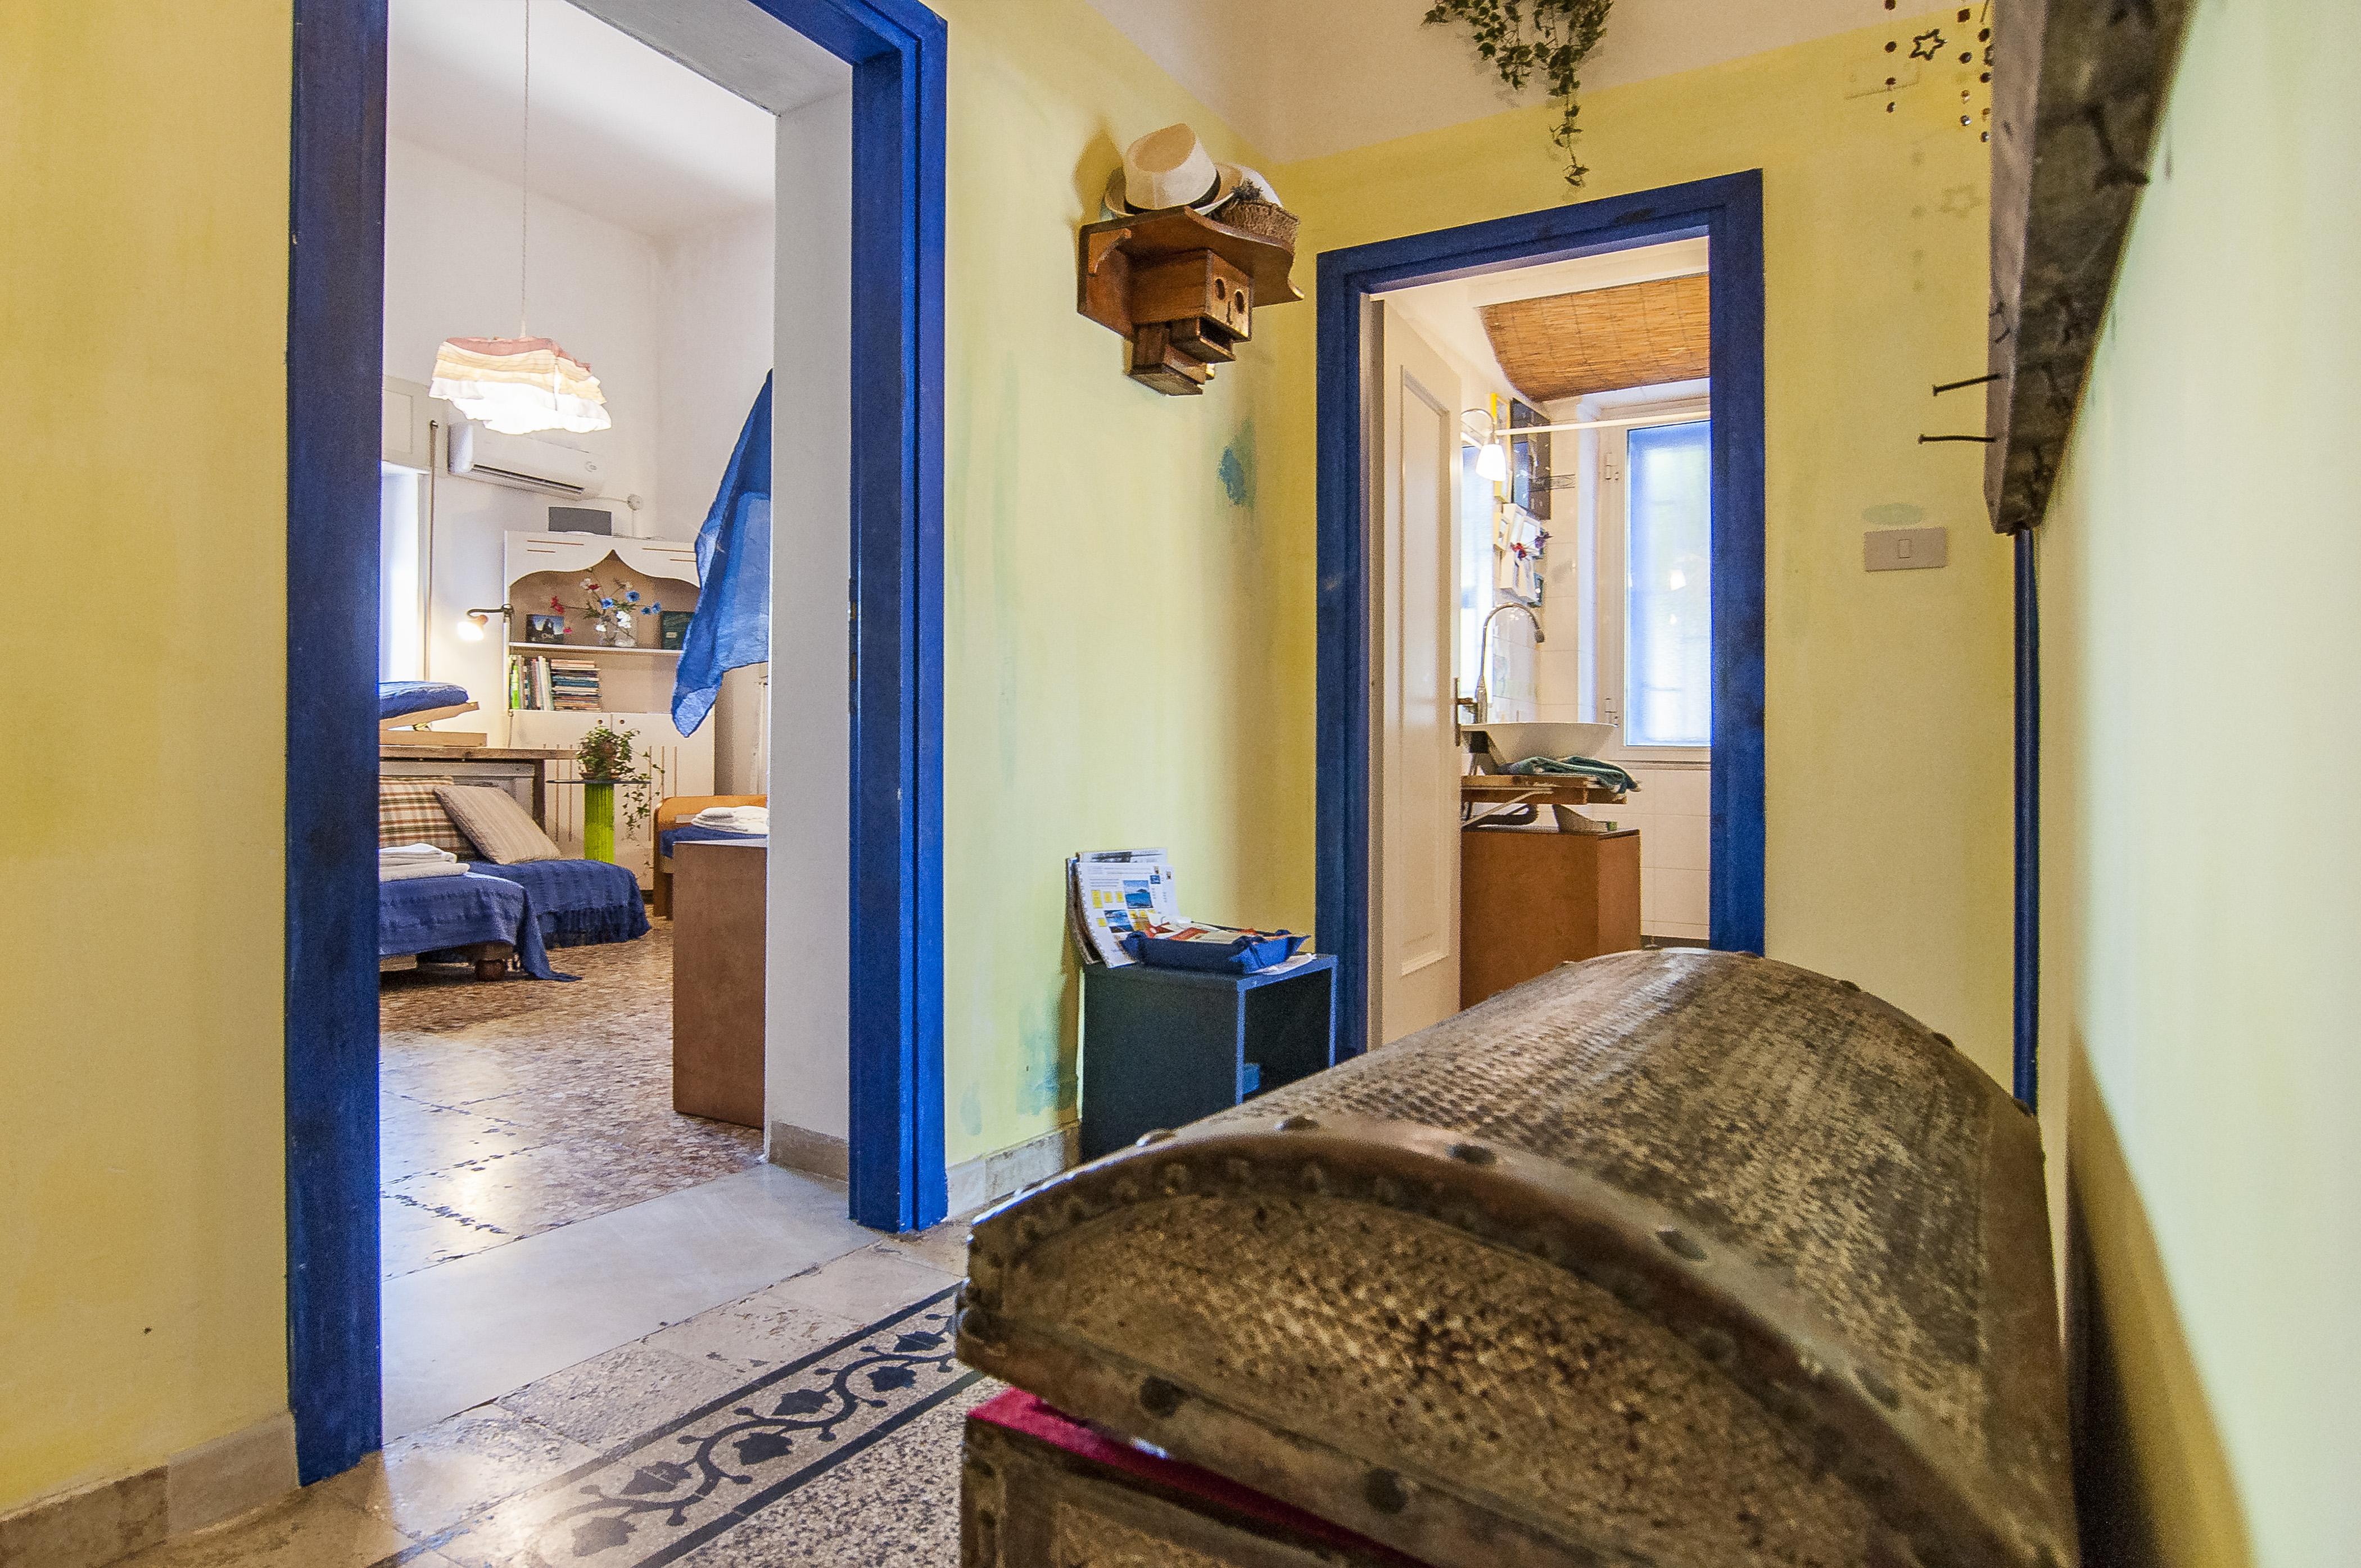 Antica Villa Gaeta antica casa in villa giardino serapo spiaggia :*) - houses